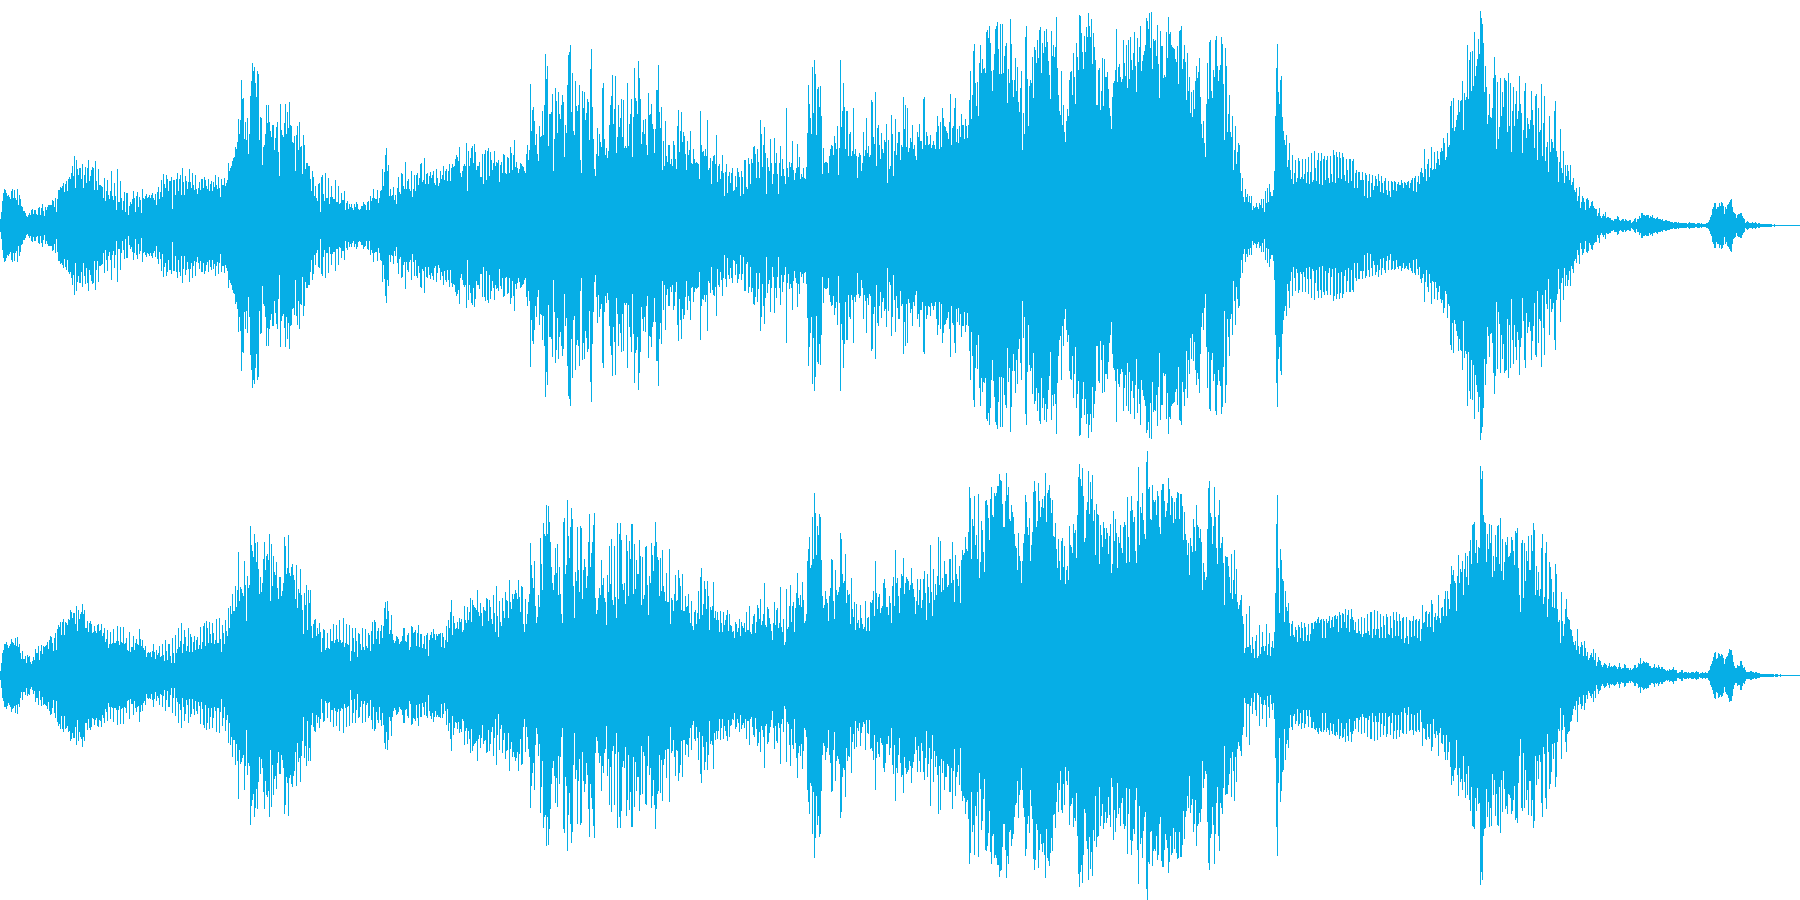 【ホラー】 【映画】 シーン_02の再生済みの波形